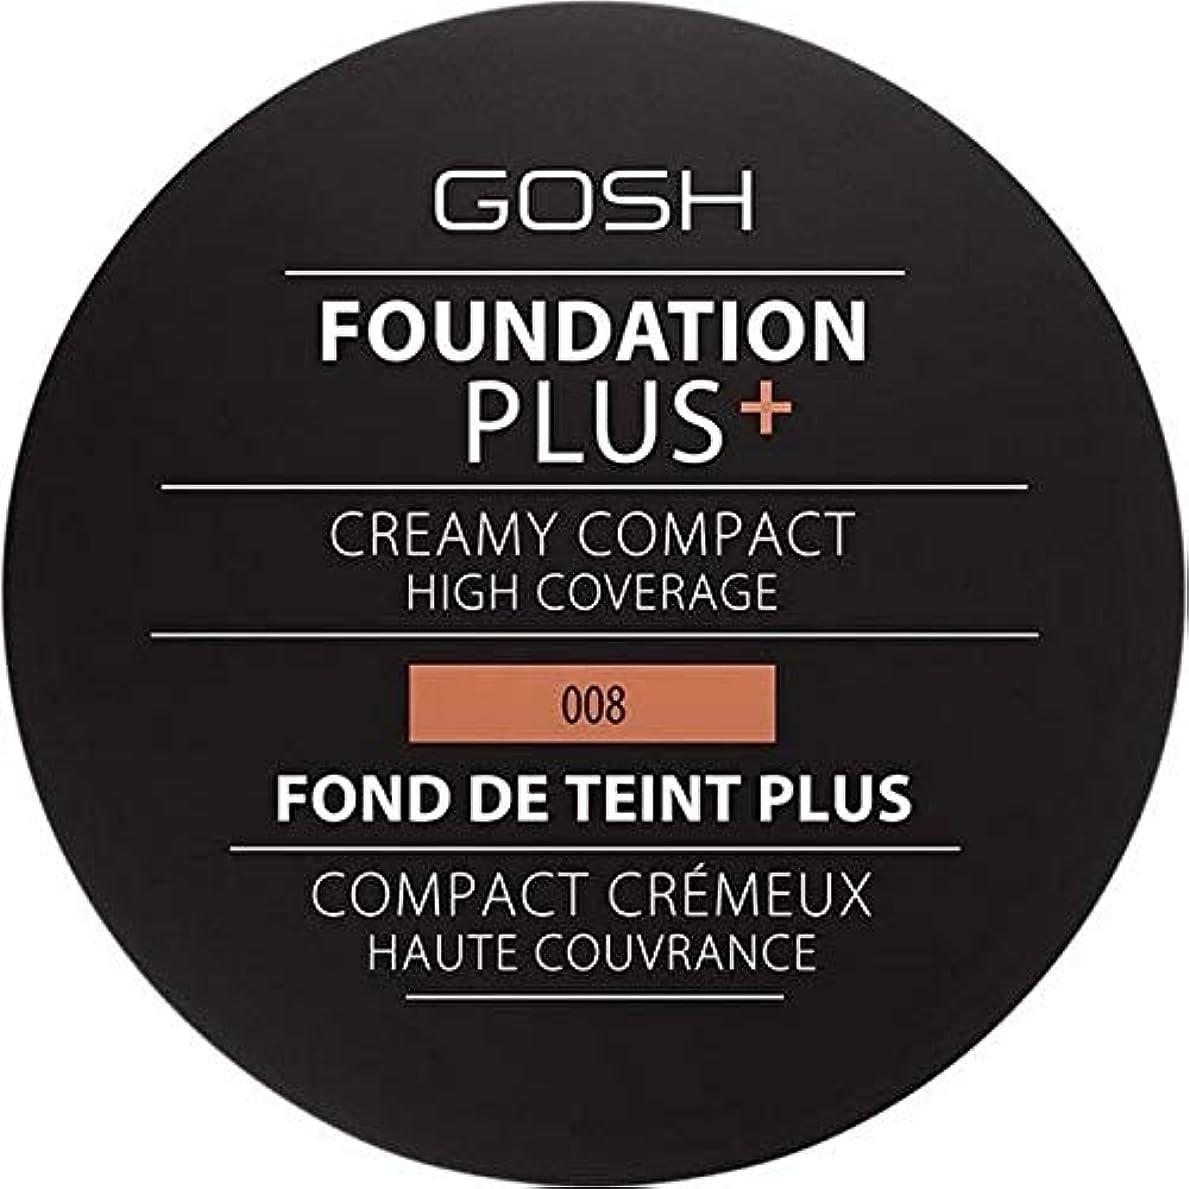 悲しいテレビ局スペイン[GOSH ] おやっ基盤プラス008 +クリーミーコンパクト黄金 - Gosh Foundation Plus+ Creamy Compact Golden 008 [並行輸入品]